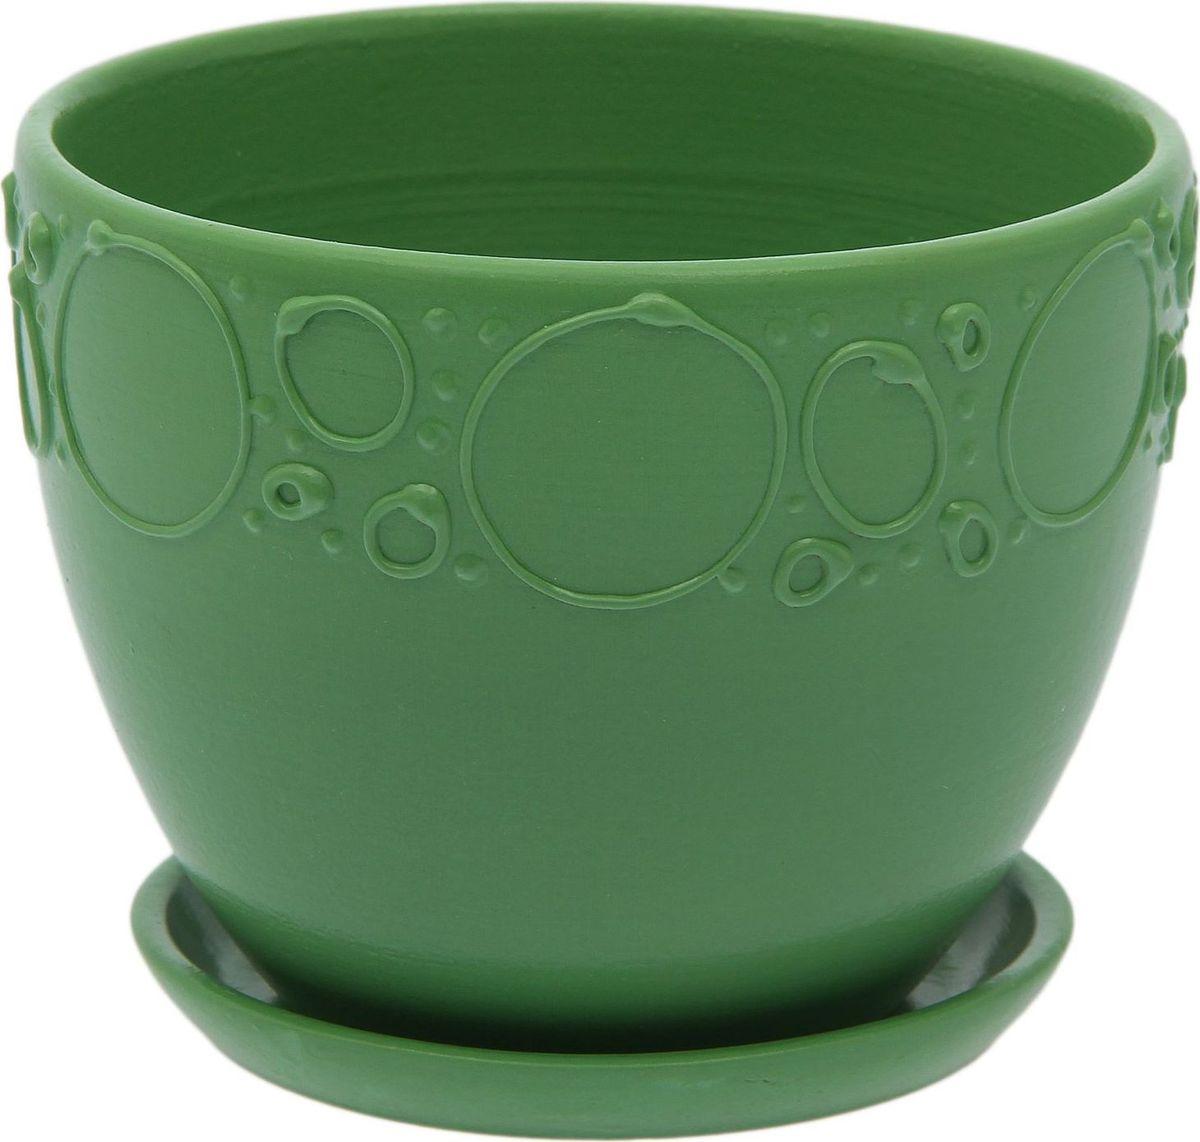 Кашпо Пузыри, цвет: зеленый, 2,6 л2015533Комнатные растения — всеобщие любимцы. Они радуют глаз, насыщают помещение кислородом и украшают пространство. Каждому из них необходим свой удобный и красивый дом. Кашпо из керамики прекрасно подходят для высадки растений: за счёт пластичности глины и разных способов обработки существует великое множество форм и дизайновпористый материал позволяет испаряться лишней влагевоздух, необходимый для дыхания корней, проникает сквозь керамические стенки! #name# позаботится о зелёном питомце, освежит интерьер и подчеркнёт его стиль.